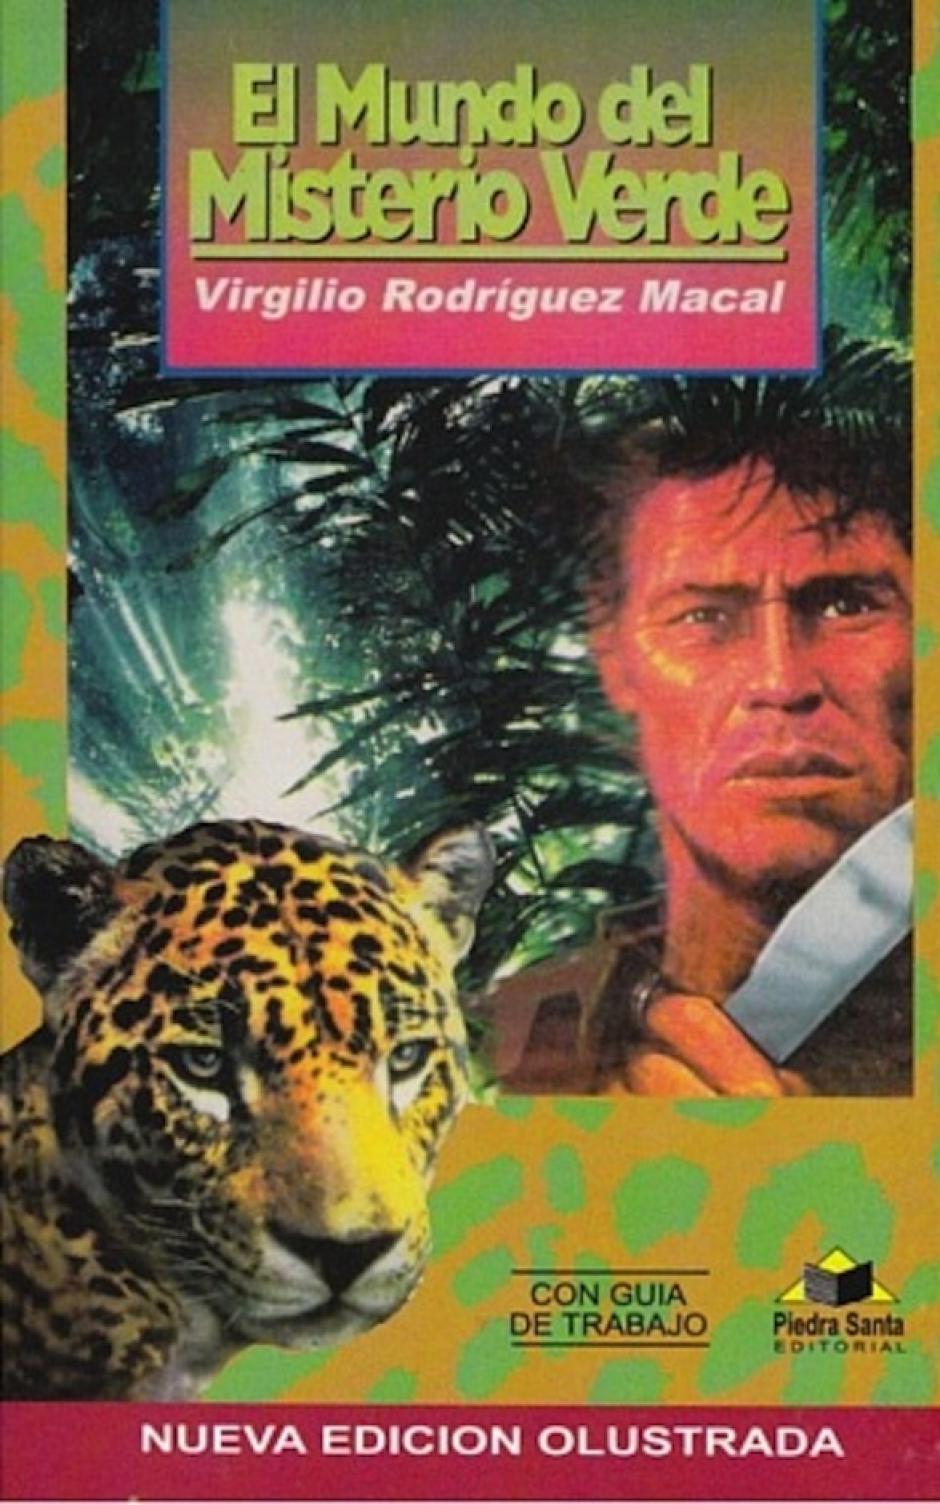 A Lish Zenzeyul se le tornaron verdes los ojos de tanto mirar la selva. (Foto: virgiliorodriguezmacal.com)